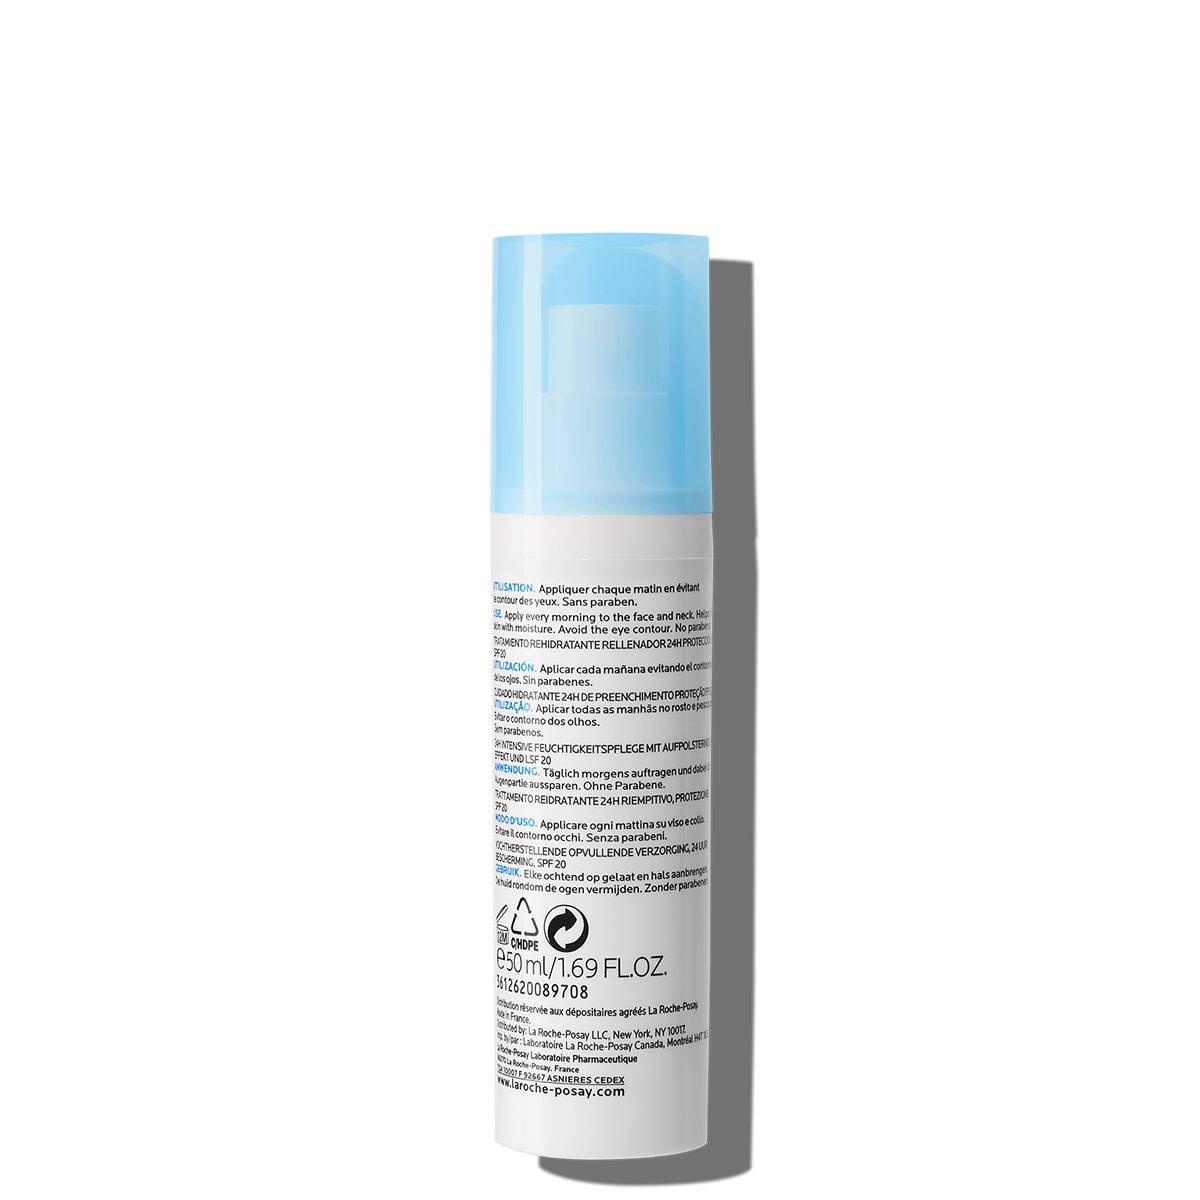 Krem nawilżający z filtrem uv HYDRAPHASE UV INTENSE RICHE SPF 20 50 ml Tył | La Roche Posay